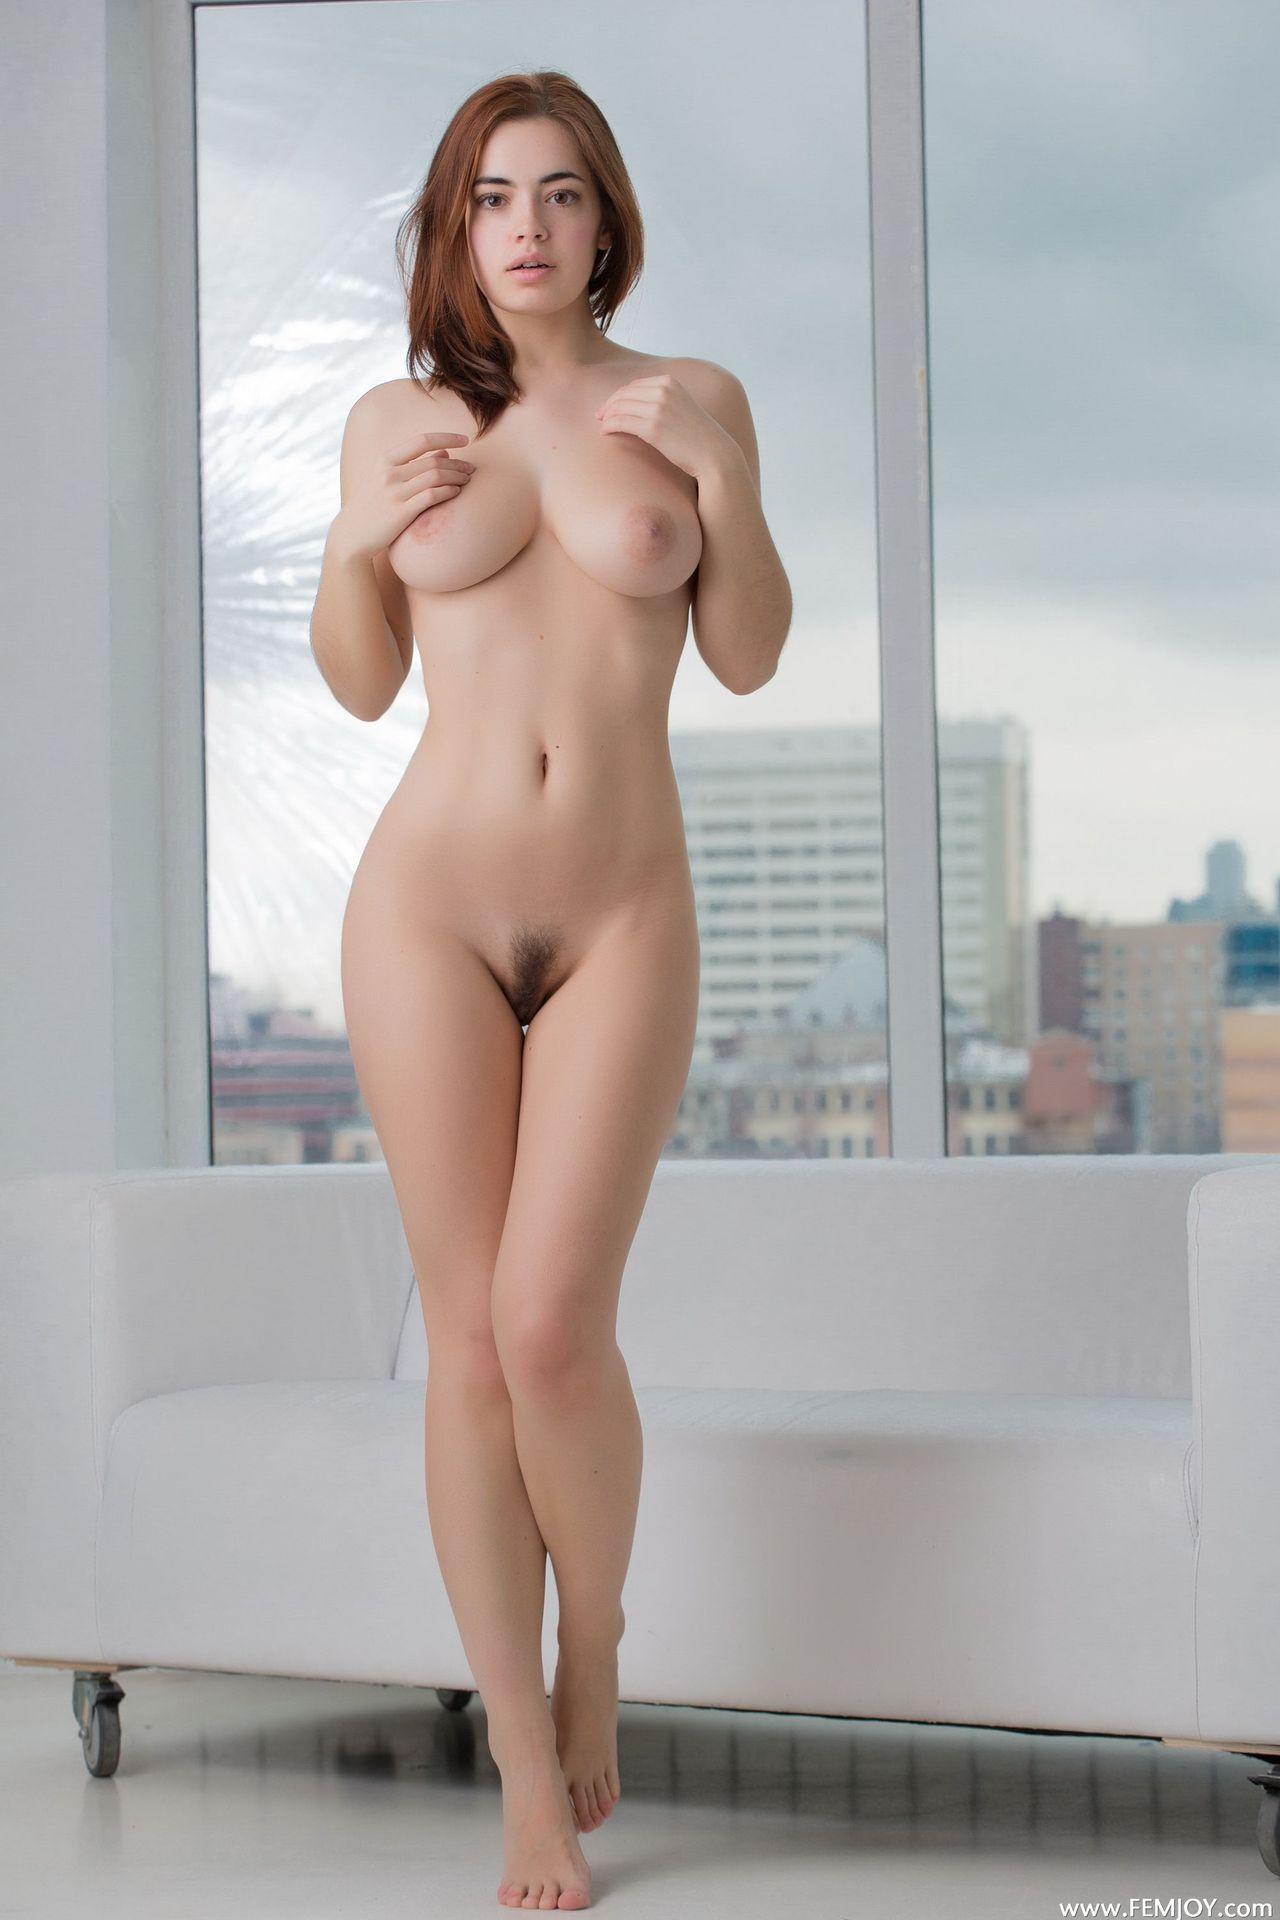 Red Head In Bikini